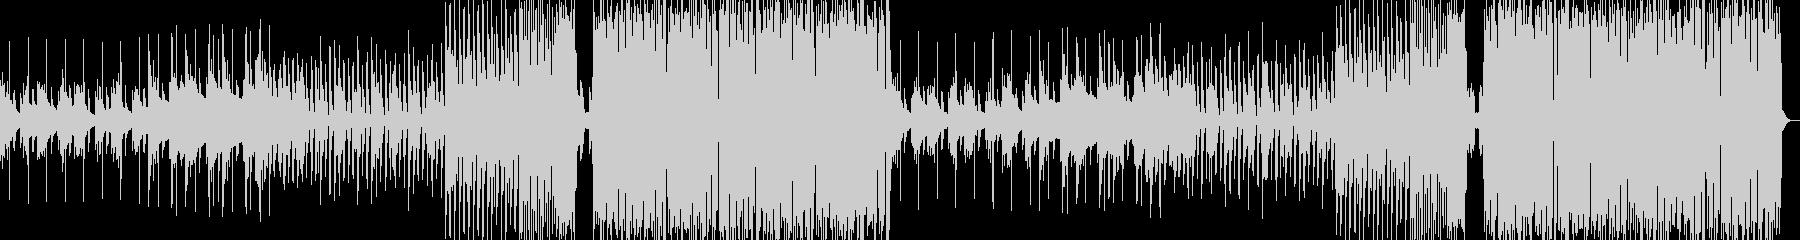 切ないメロディFuture Bassの未再生の波形